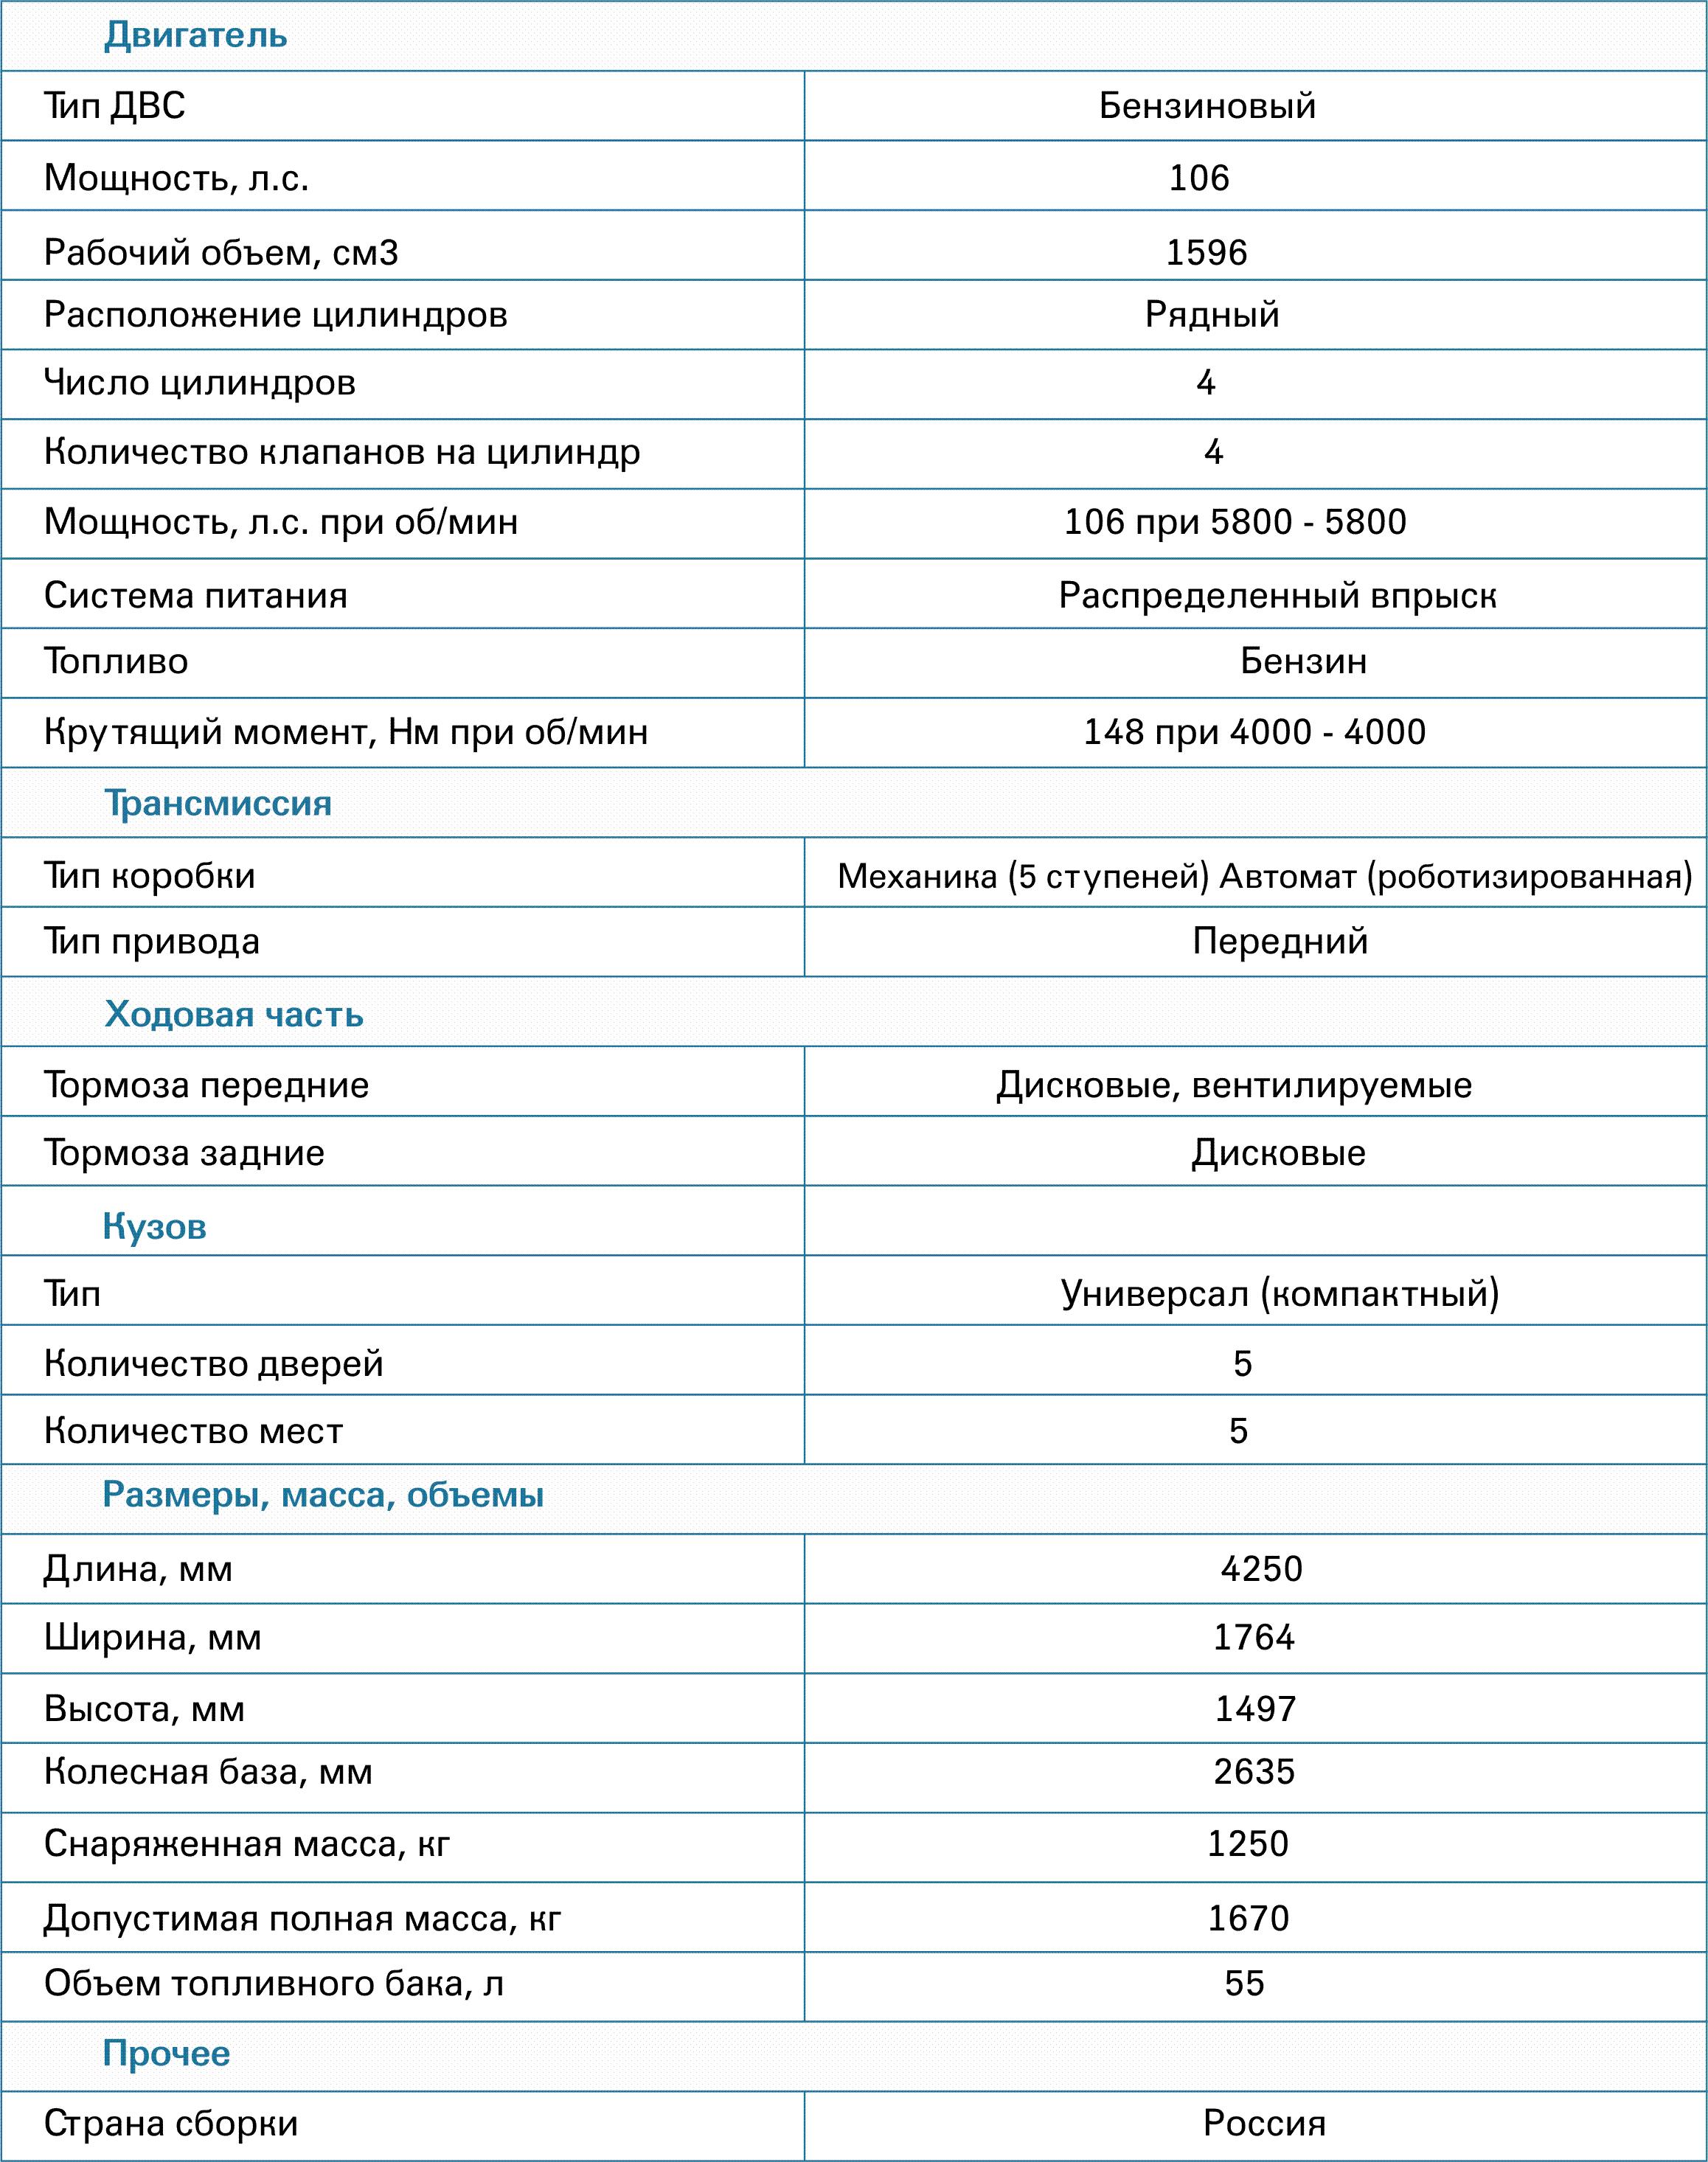 Большой обзор новинки Лада Веста: отзывы владельцев 2016 года, фото, цены, характеристики